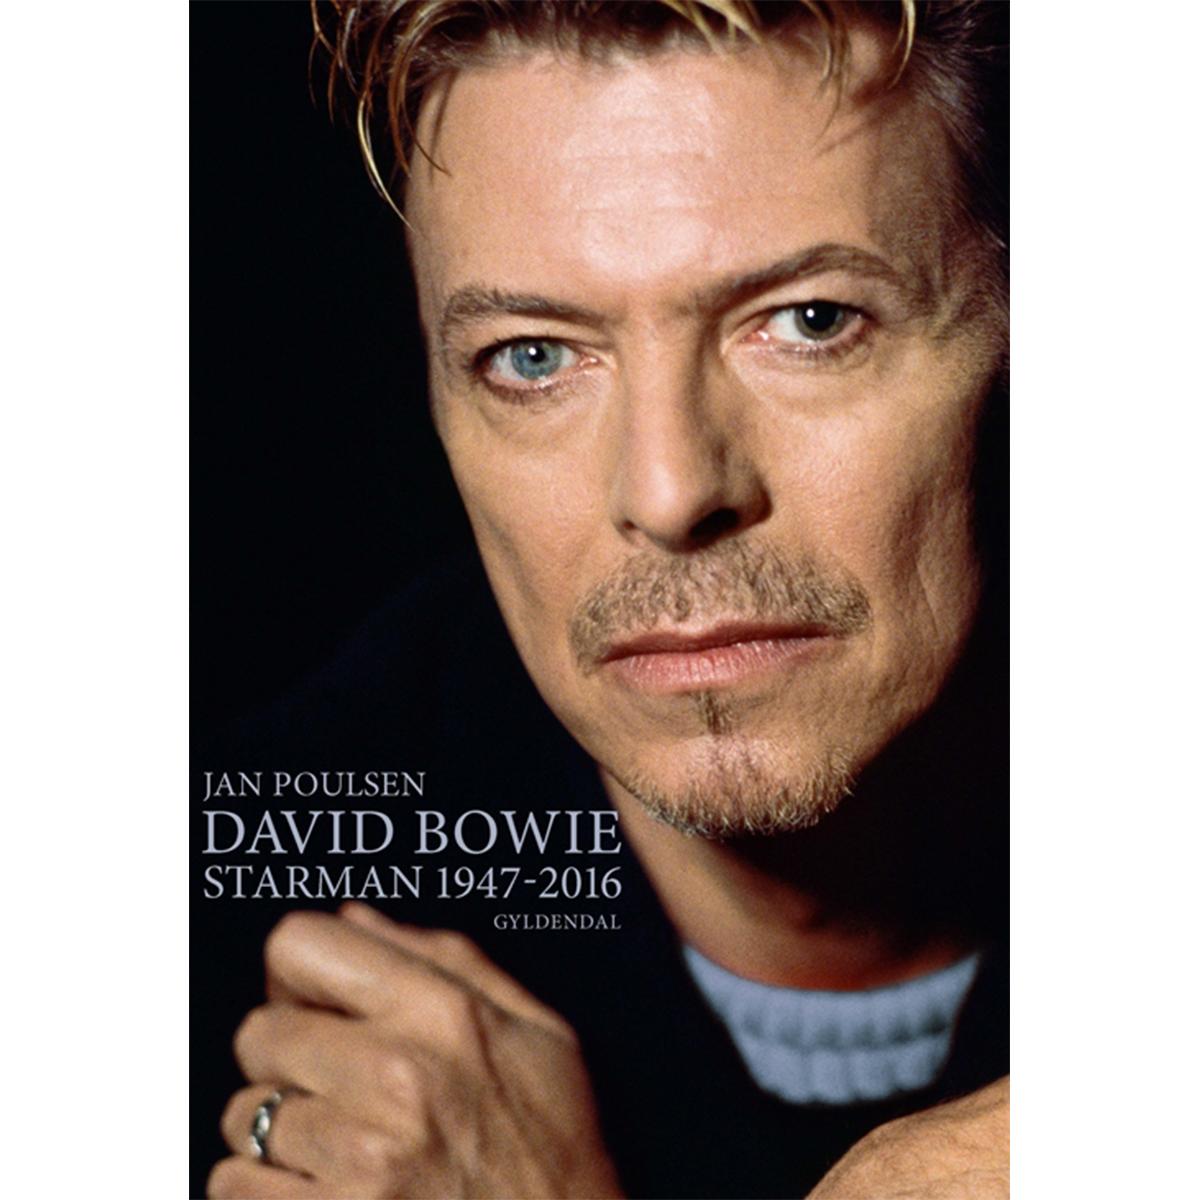 Billede af David Bowie - Starman 1947-2016 - Hæftet